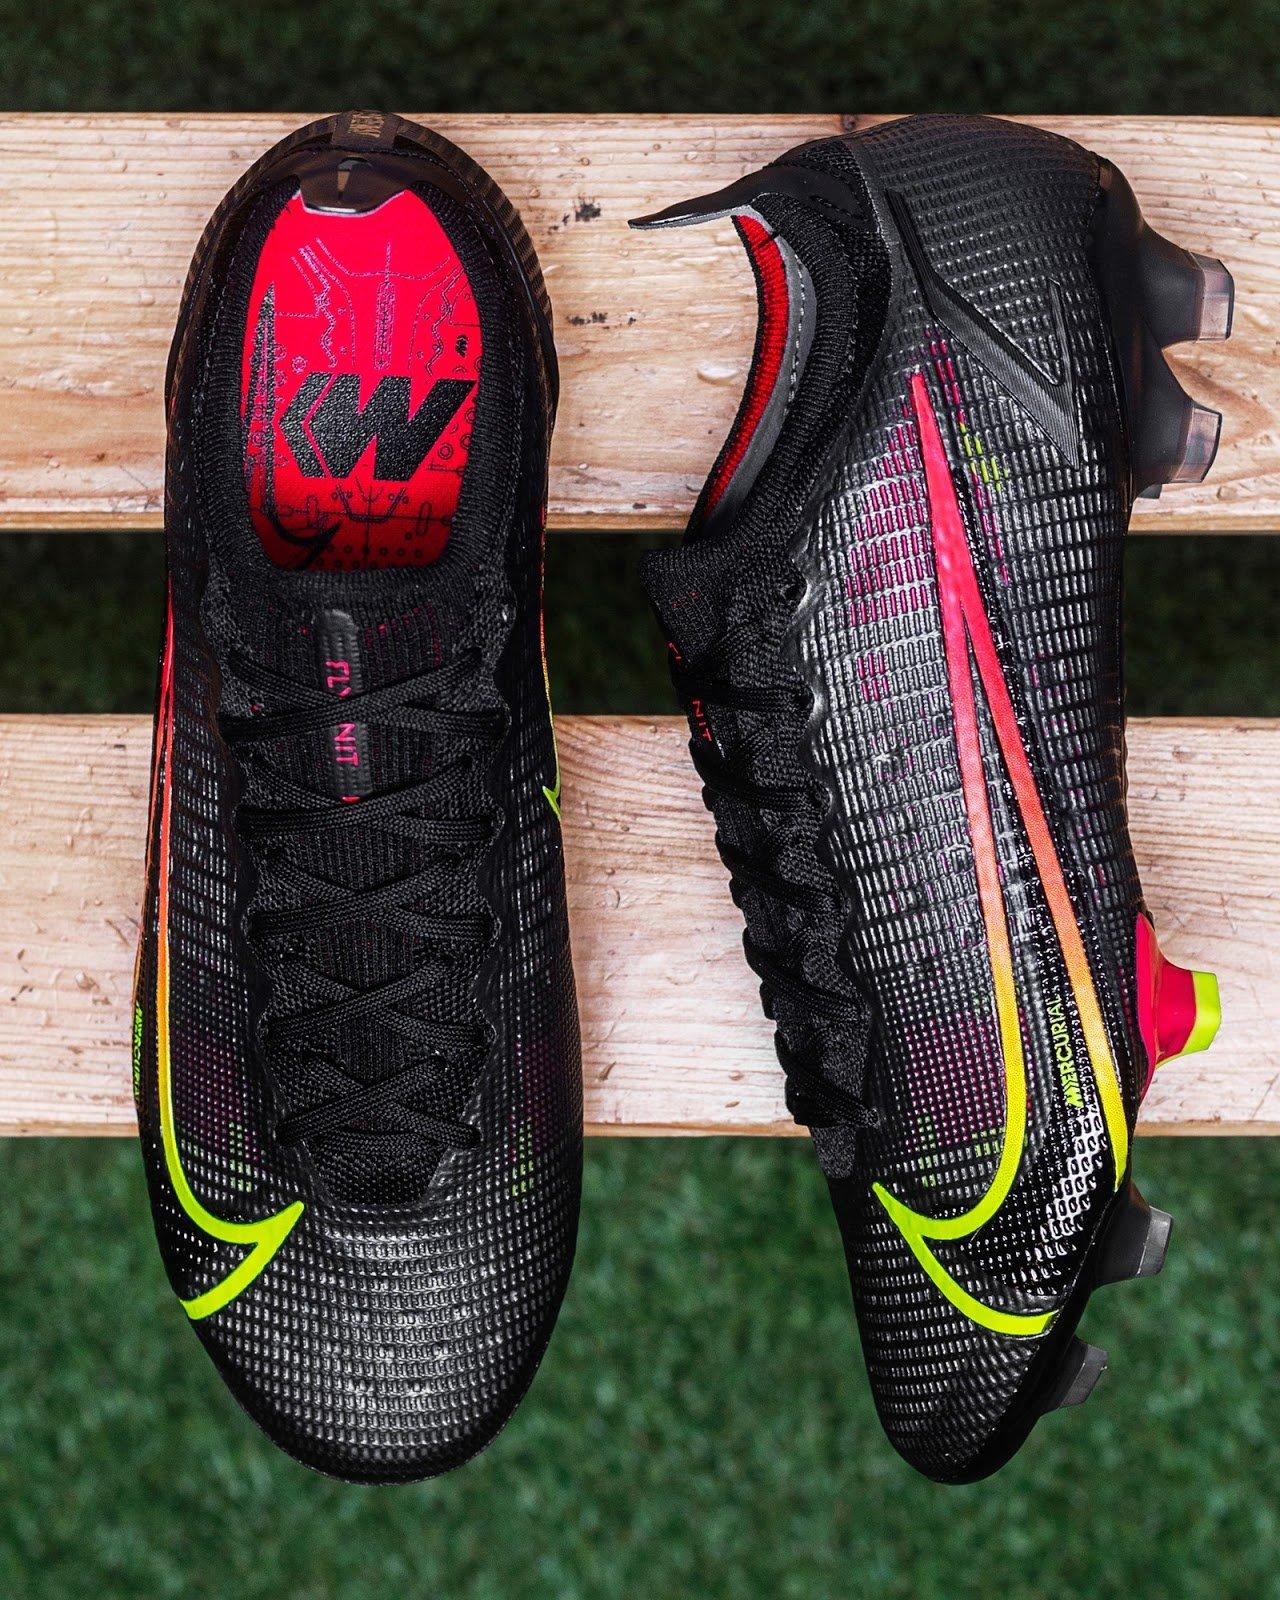 Khám phá phiên bản Nike Mercurial Black & Prism 2021